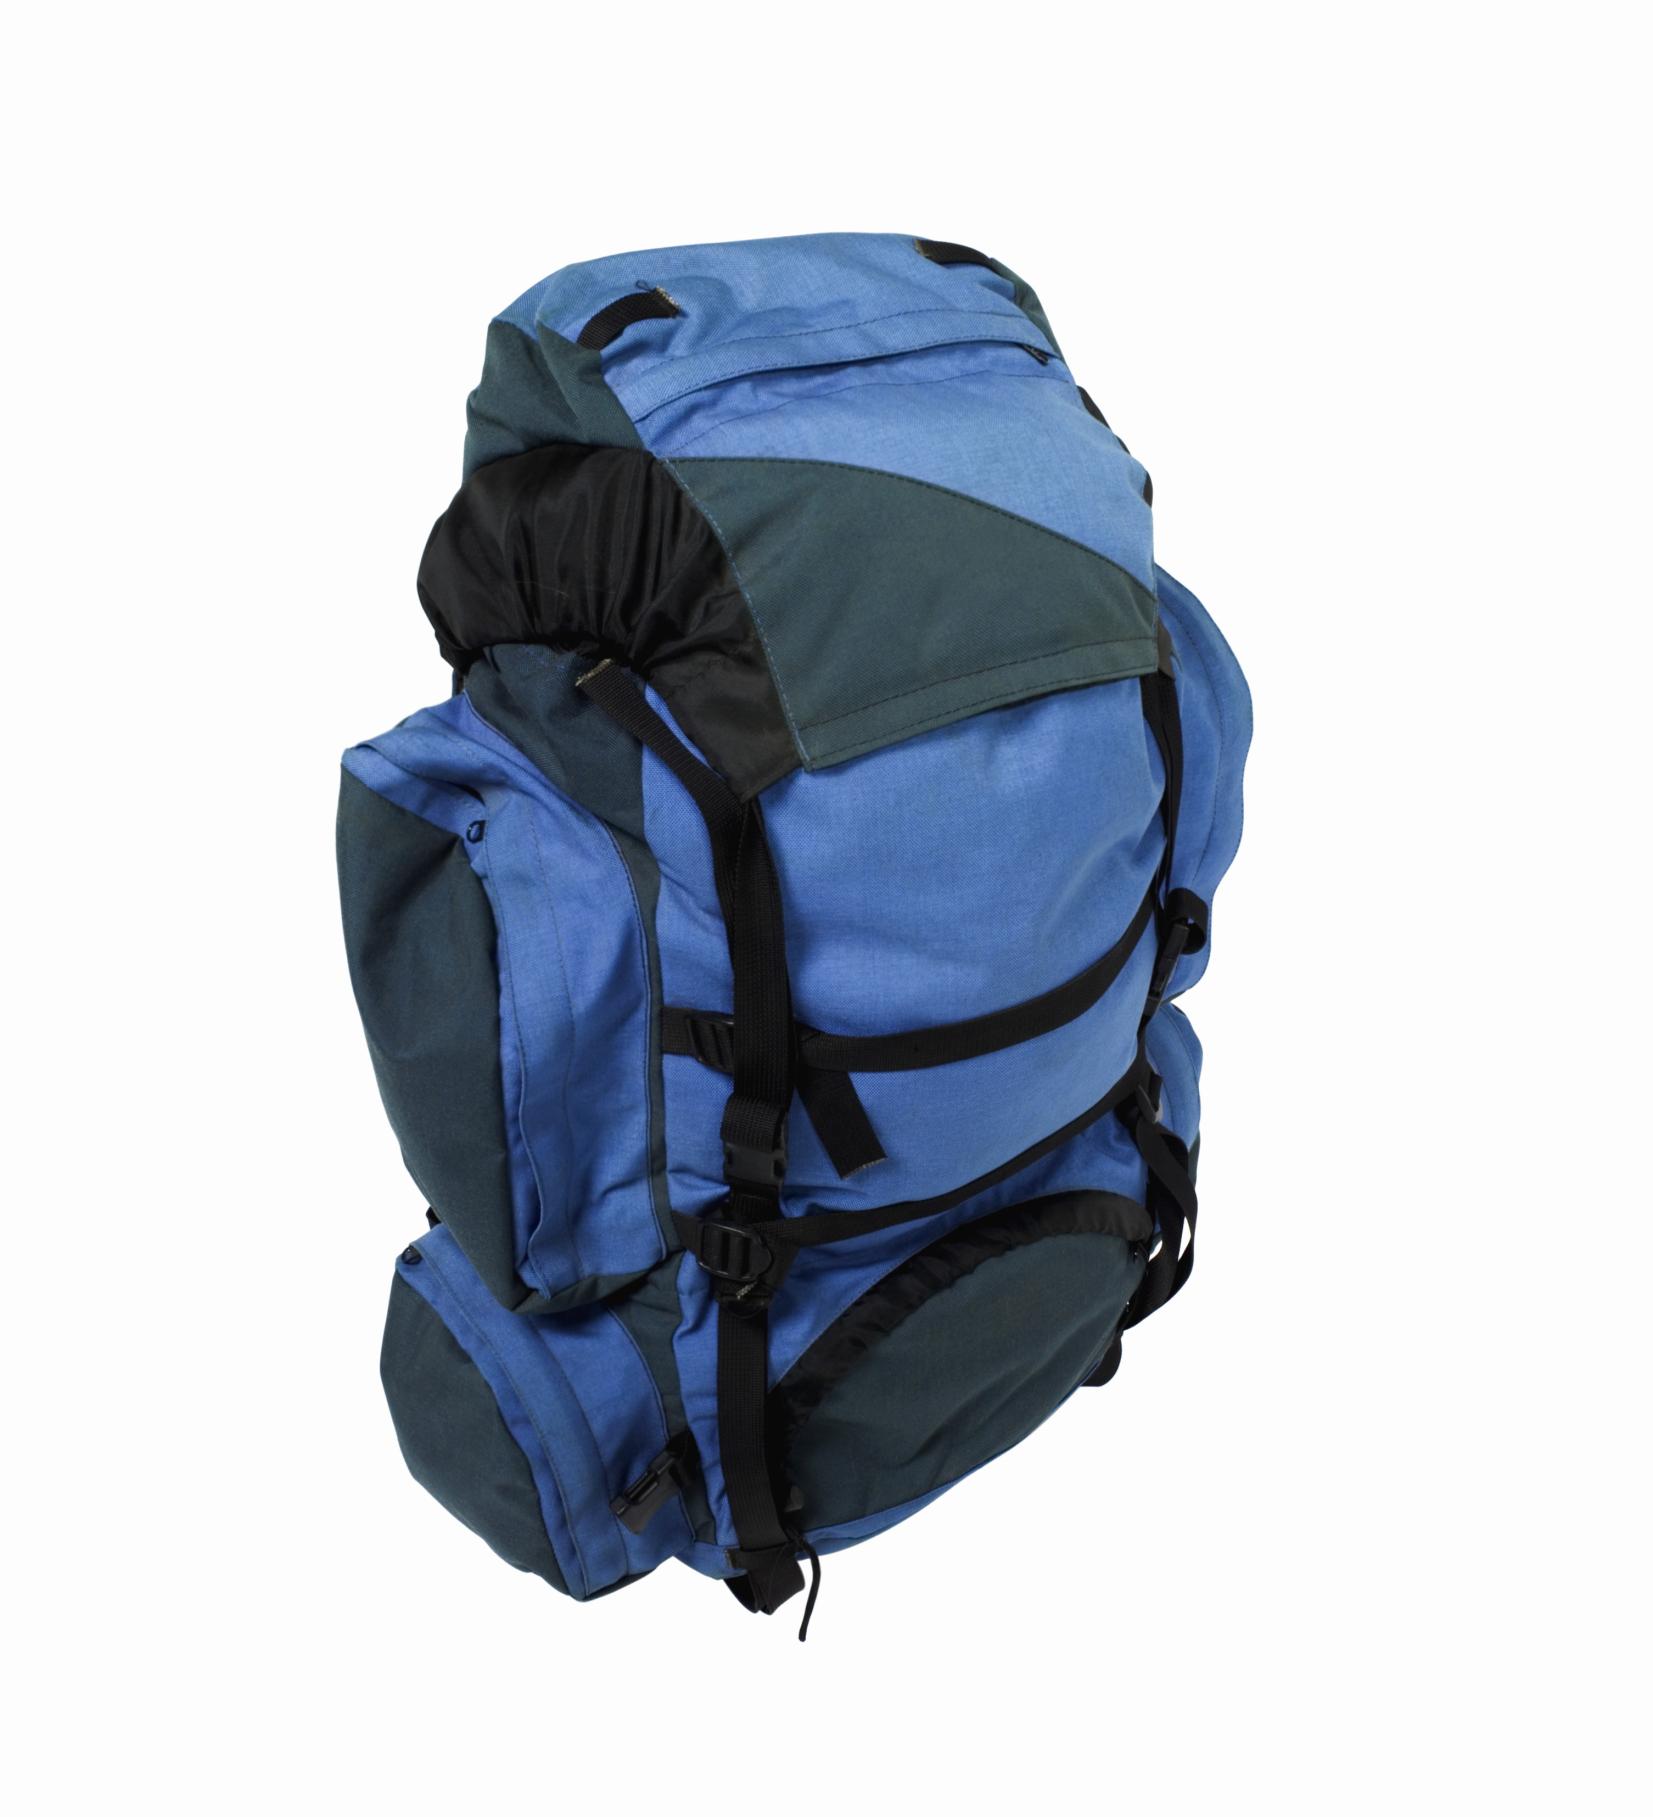 188a8c9115f TSA Regulations for Hiking Backpacks | USA Today